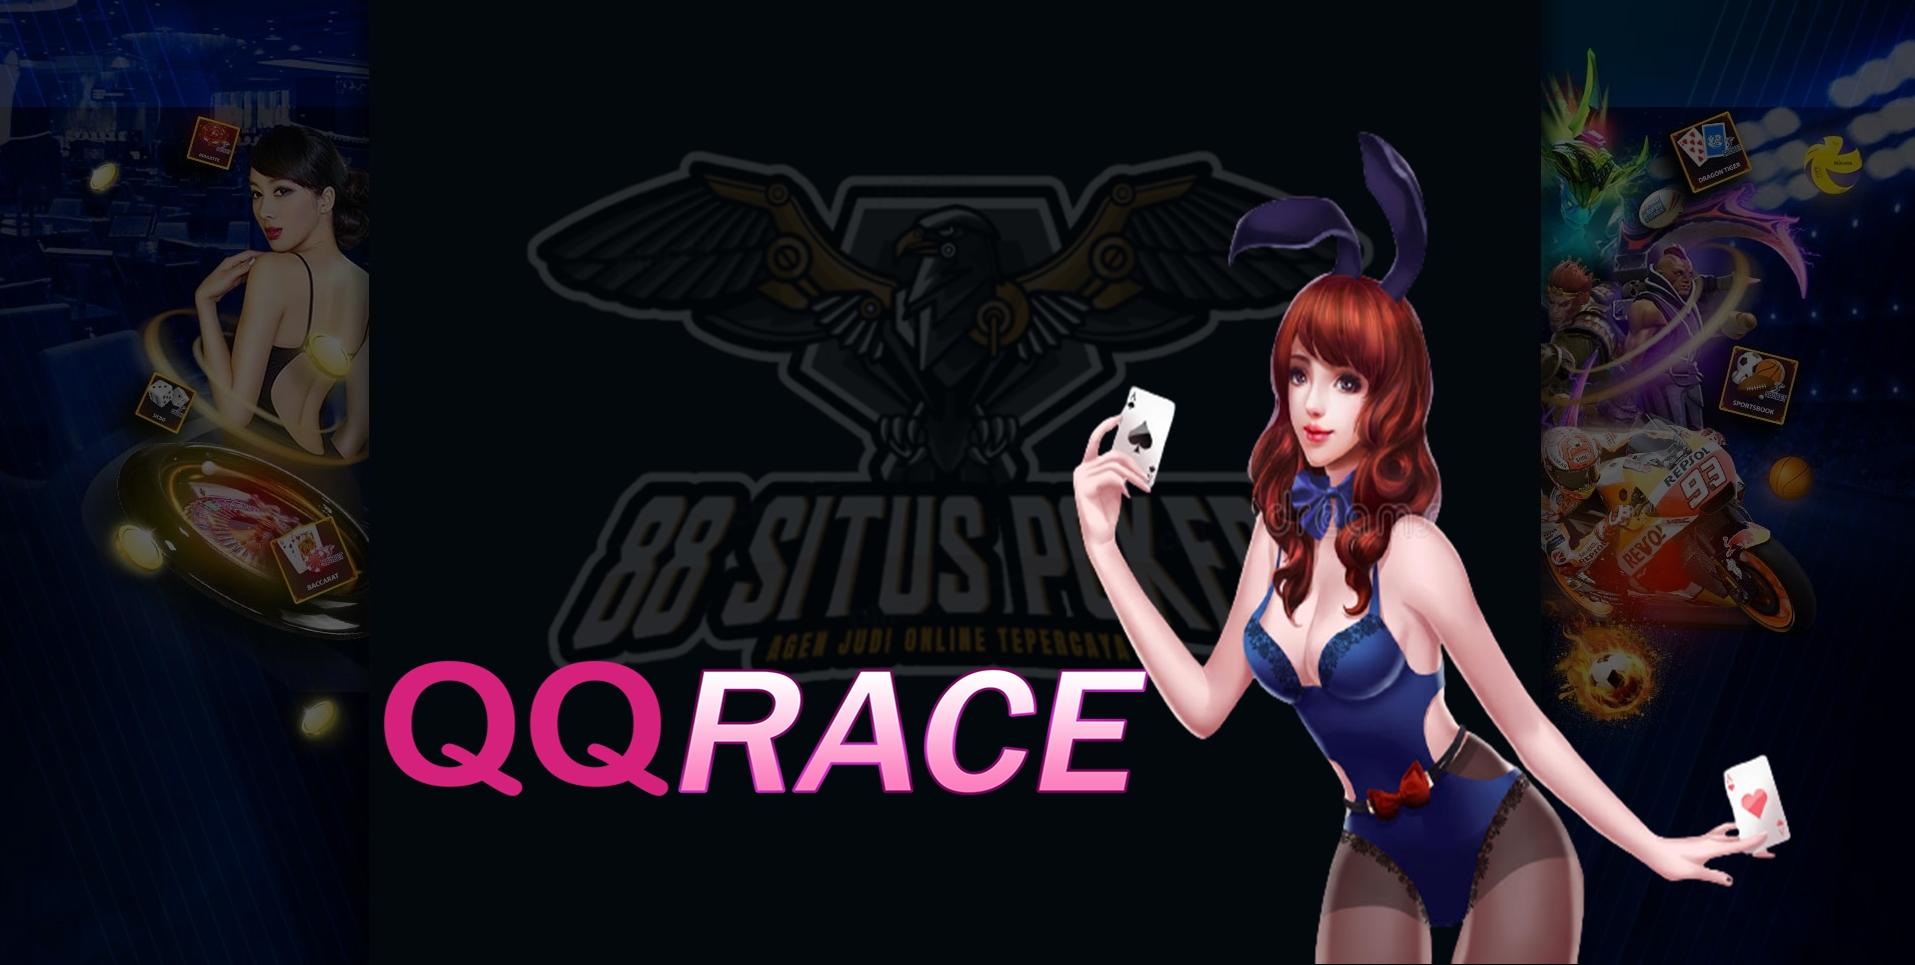 Situs Judi Online Resmi Terbaik, Slot Online Terpercaya Indonesia - QQRace